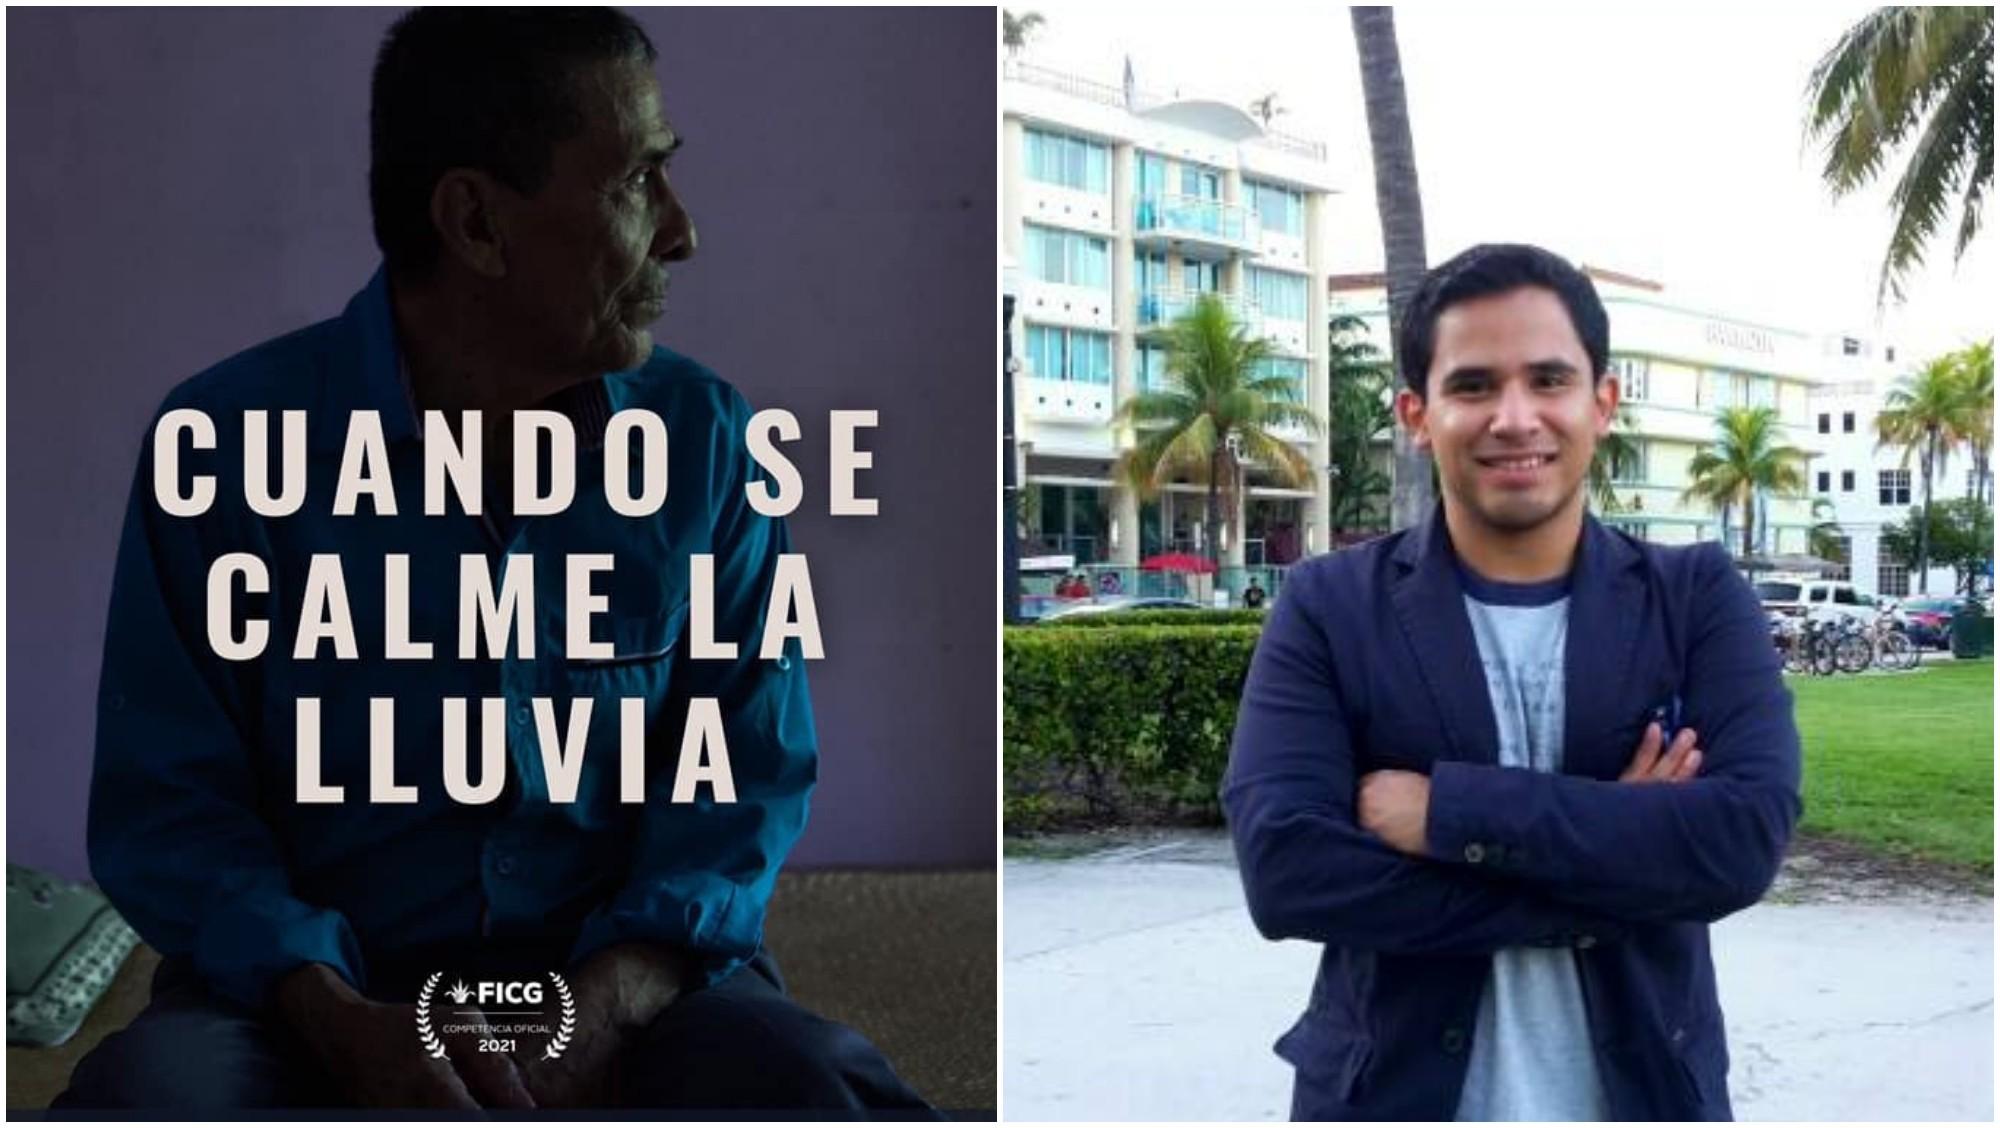 El FICG estrenó un cortometraje de un guionista hondureño